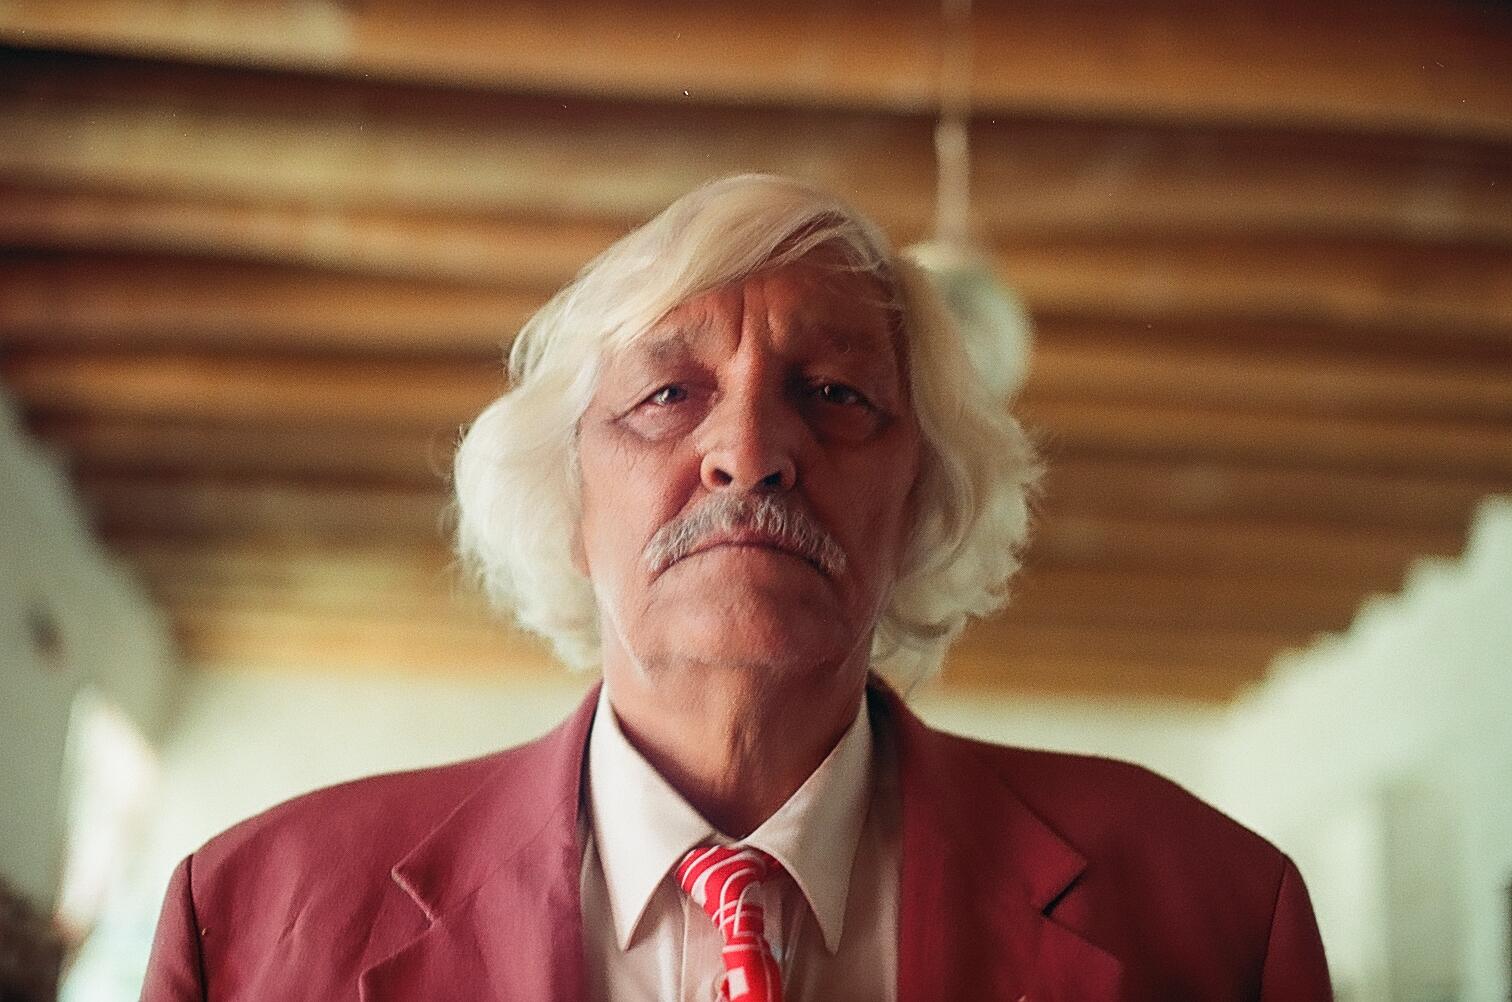 گفتگوی پاتوق فیلم کوتاه با کارگردان بهترین فیلم از نگاه تماشاگران به بهانه نمایش در سینما آینده